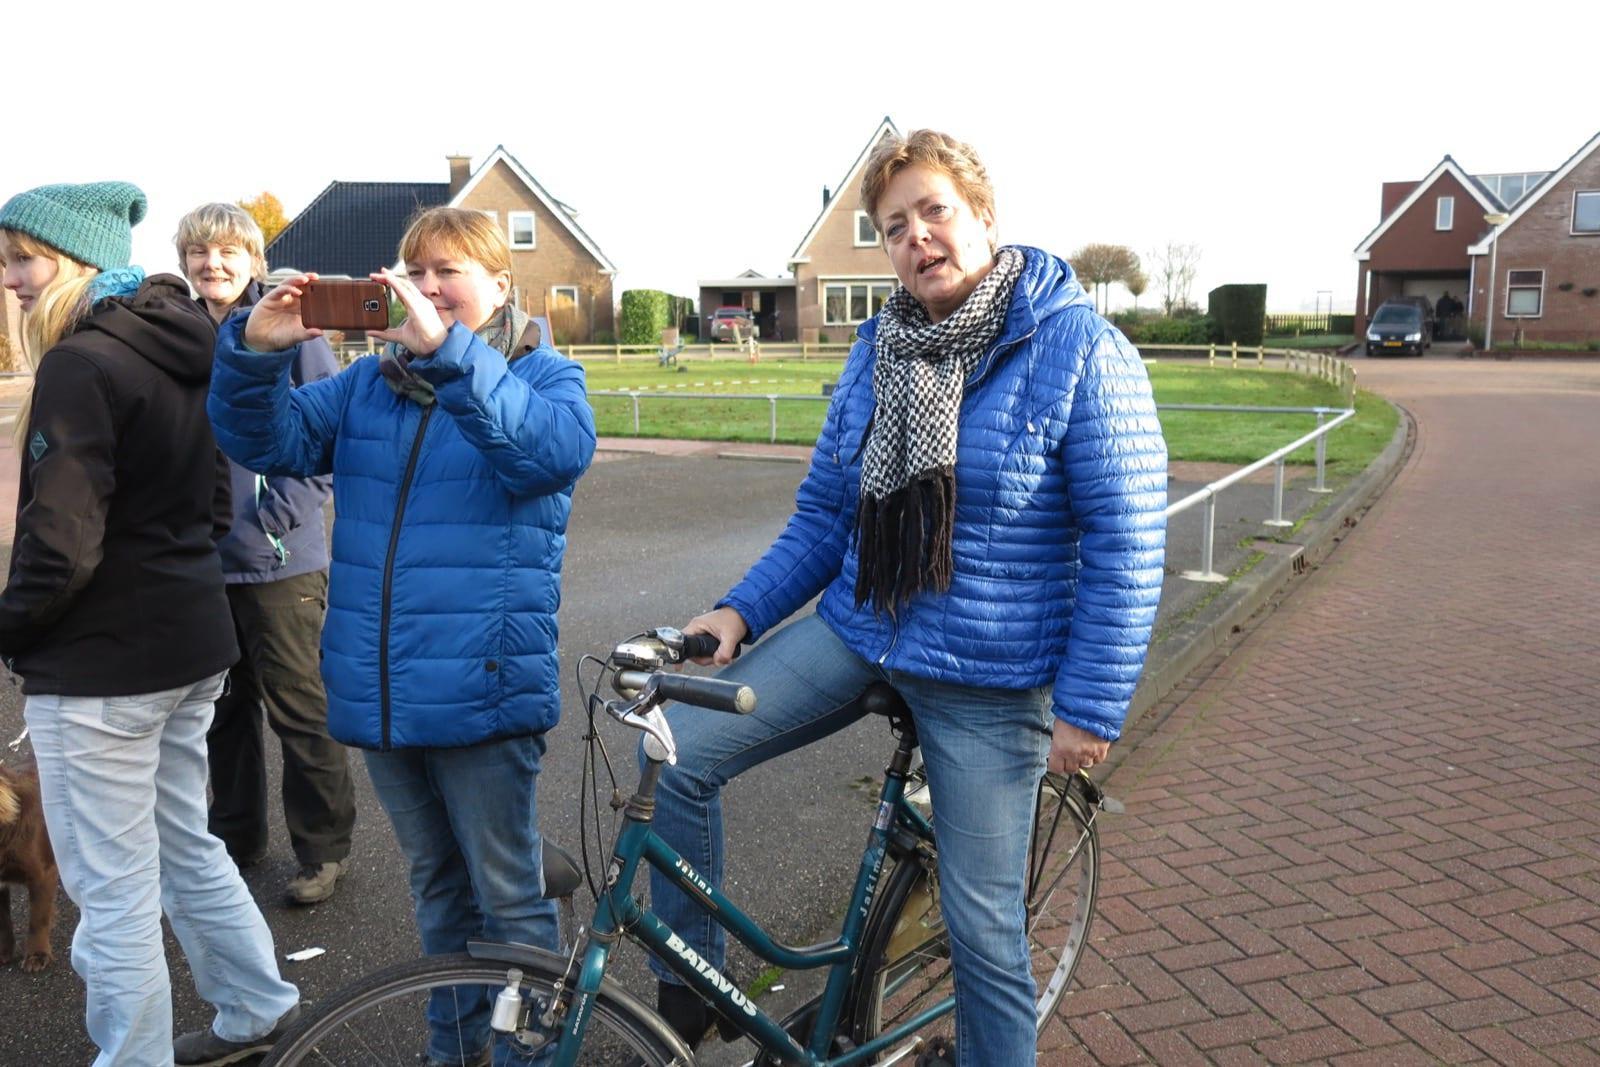 et-fiets-en-fietser-119-lucy-kol-met-pot-drop-fiets-oi.jpg